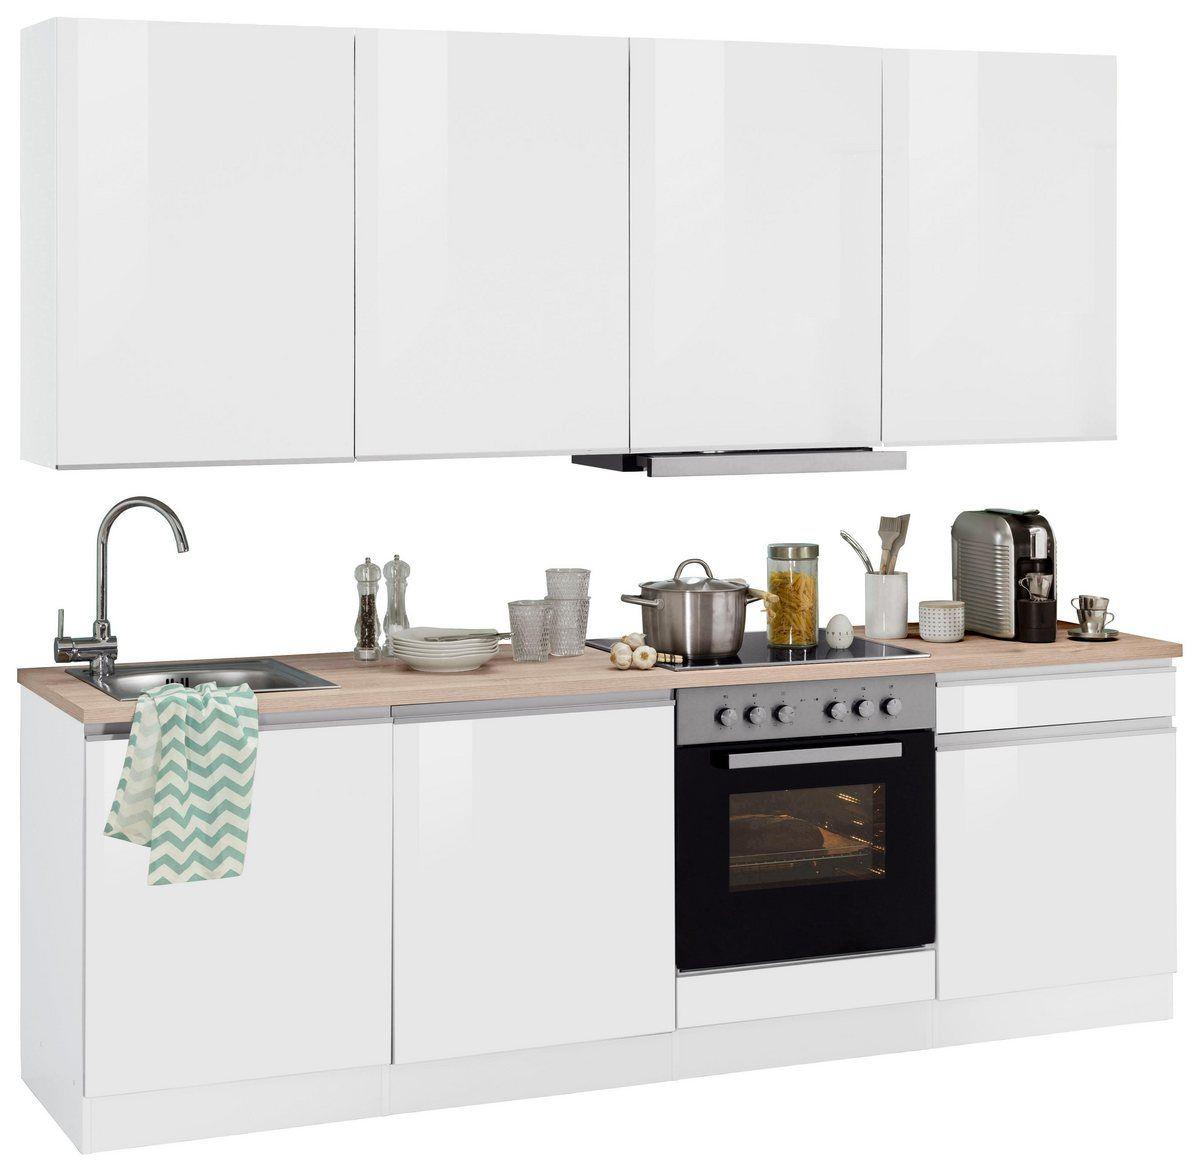 Kuchenzeile Ohio Mit E Geraten Breite 240 Cm Kitchen Cabinet Design Kitchen Cabinets Cabinet